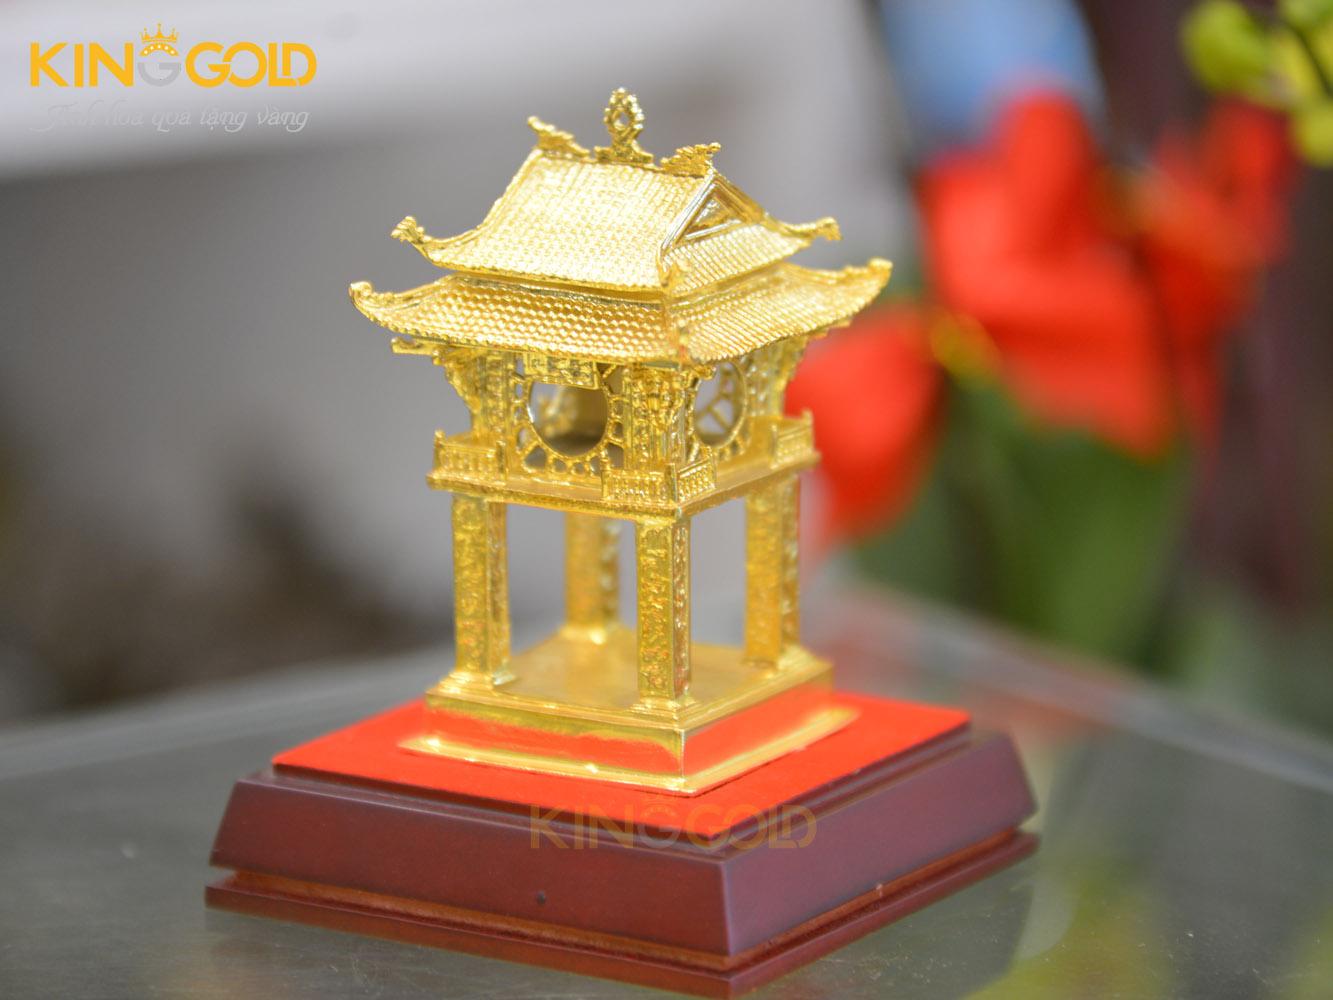 Quà tặng vàng – Ý nghĩa của quà tặng vàng ít người biết và những ý tưởng quà độc đáo